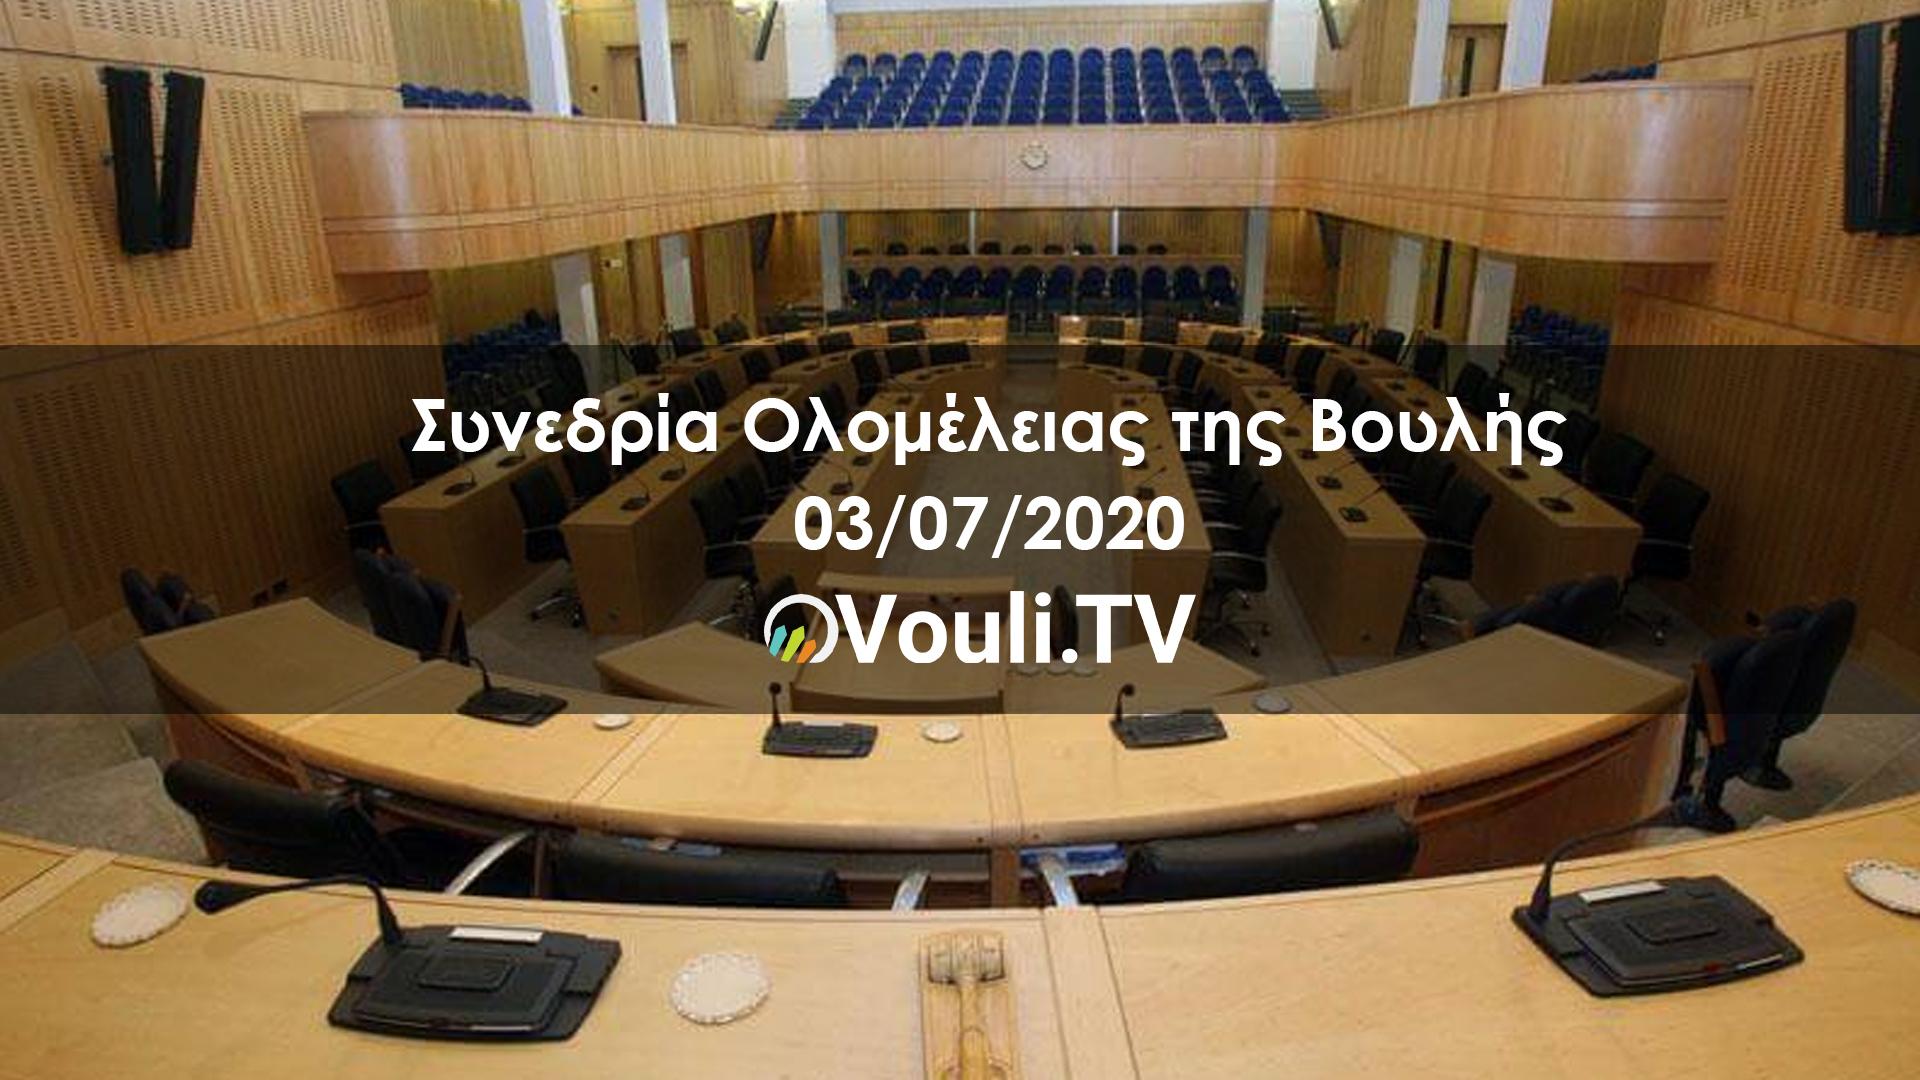 ΚΟΙΝΟΒΟΥΛΙΟ – Συνεδρία Ολομέλειας της Βουλής | 03/07/2020